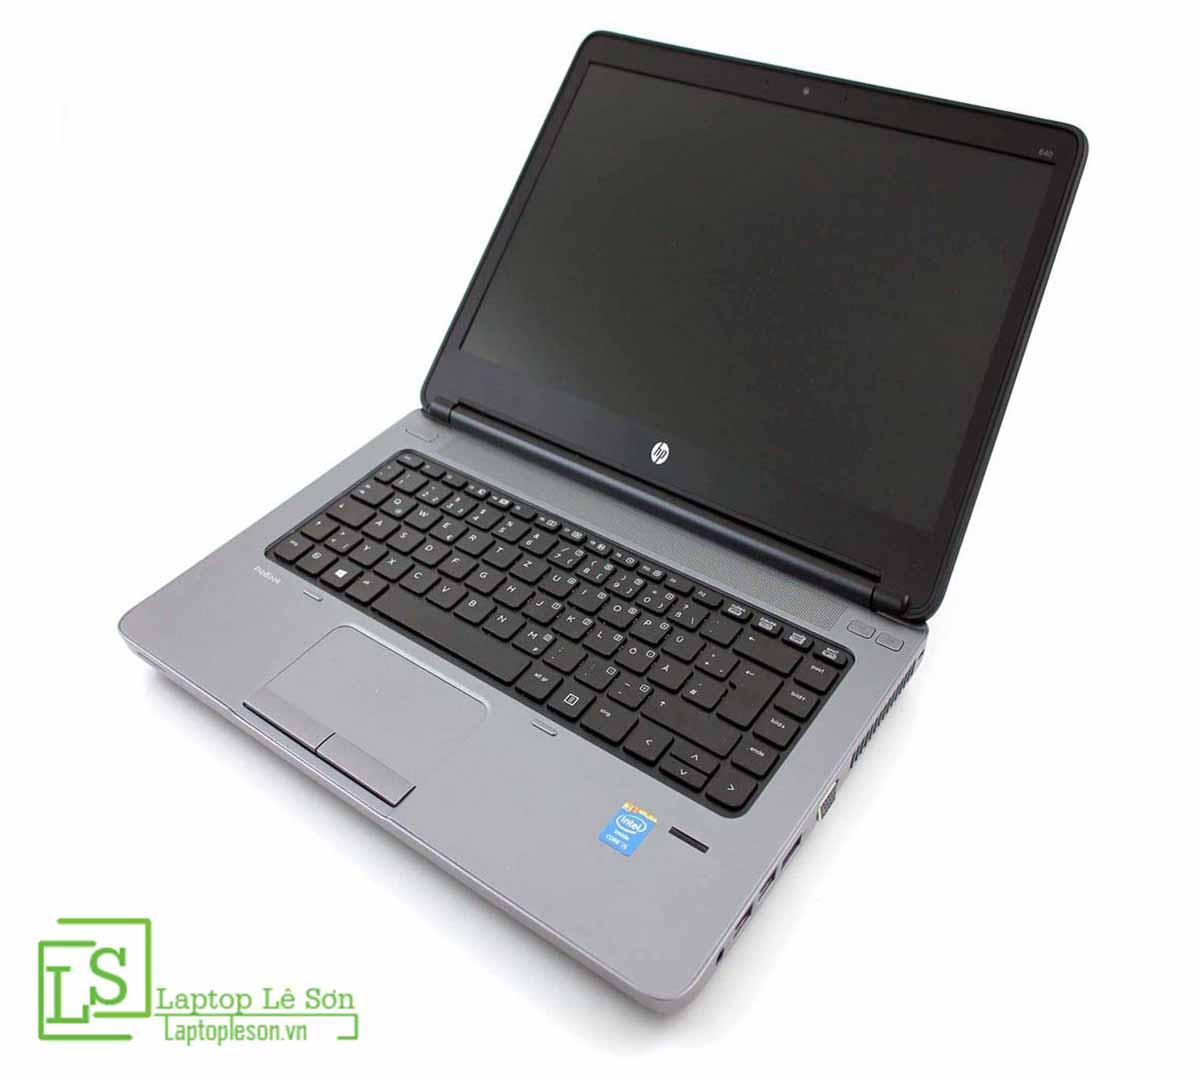 Laptop Lê Sơn HP Probook 640 G1 01